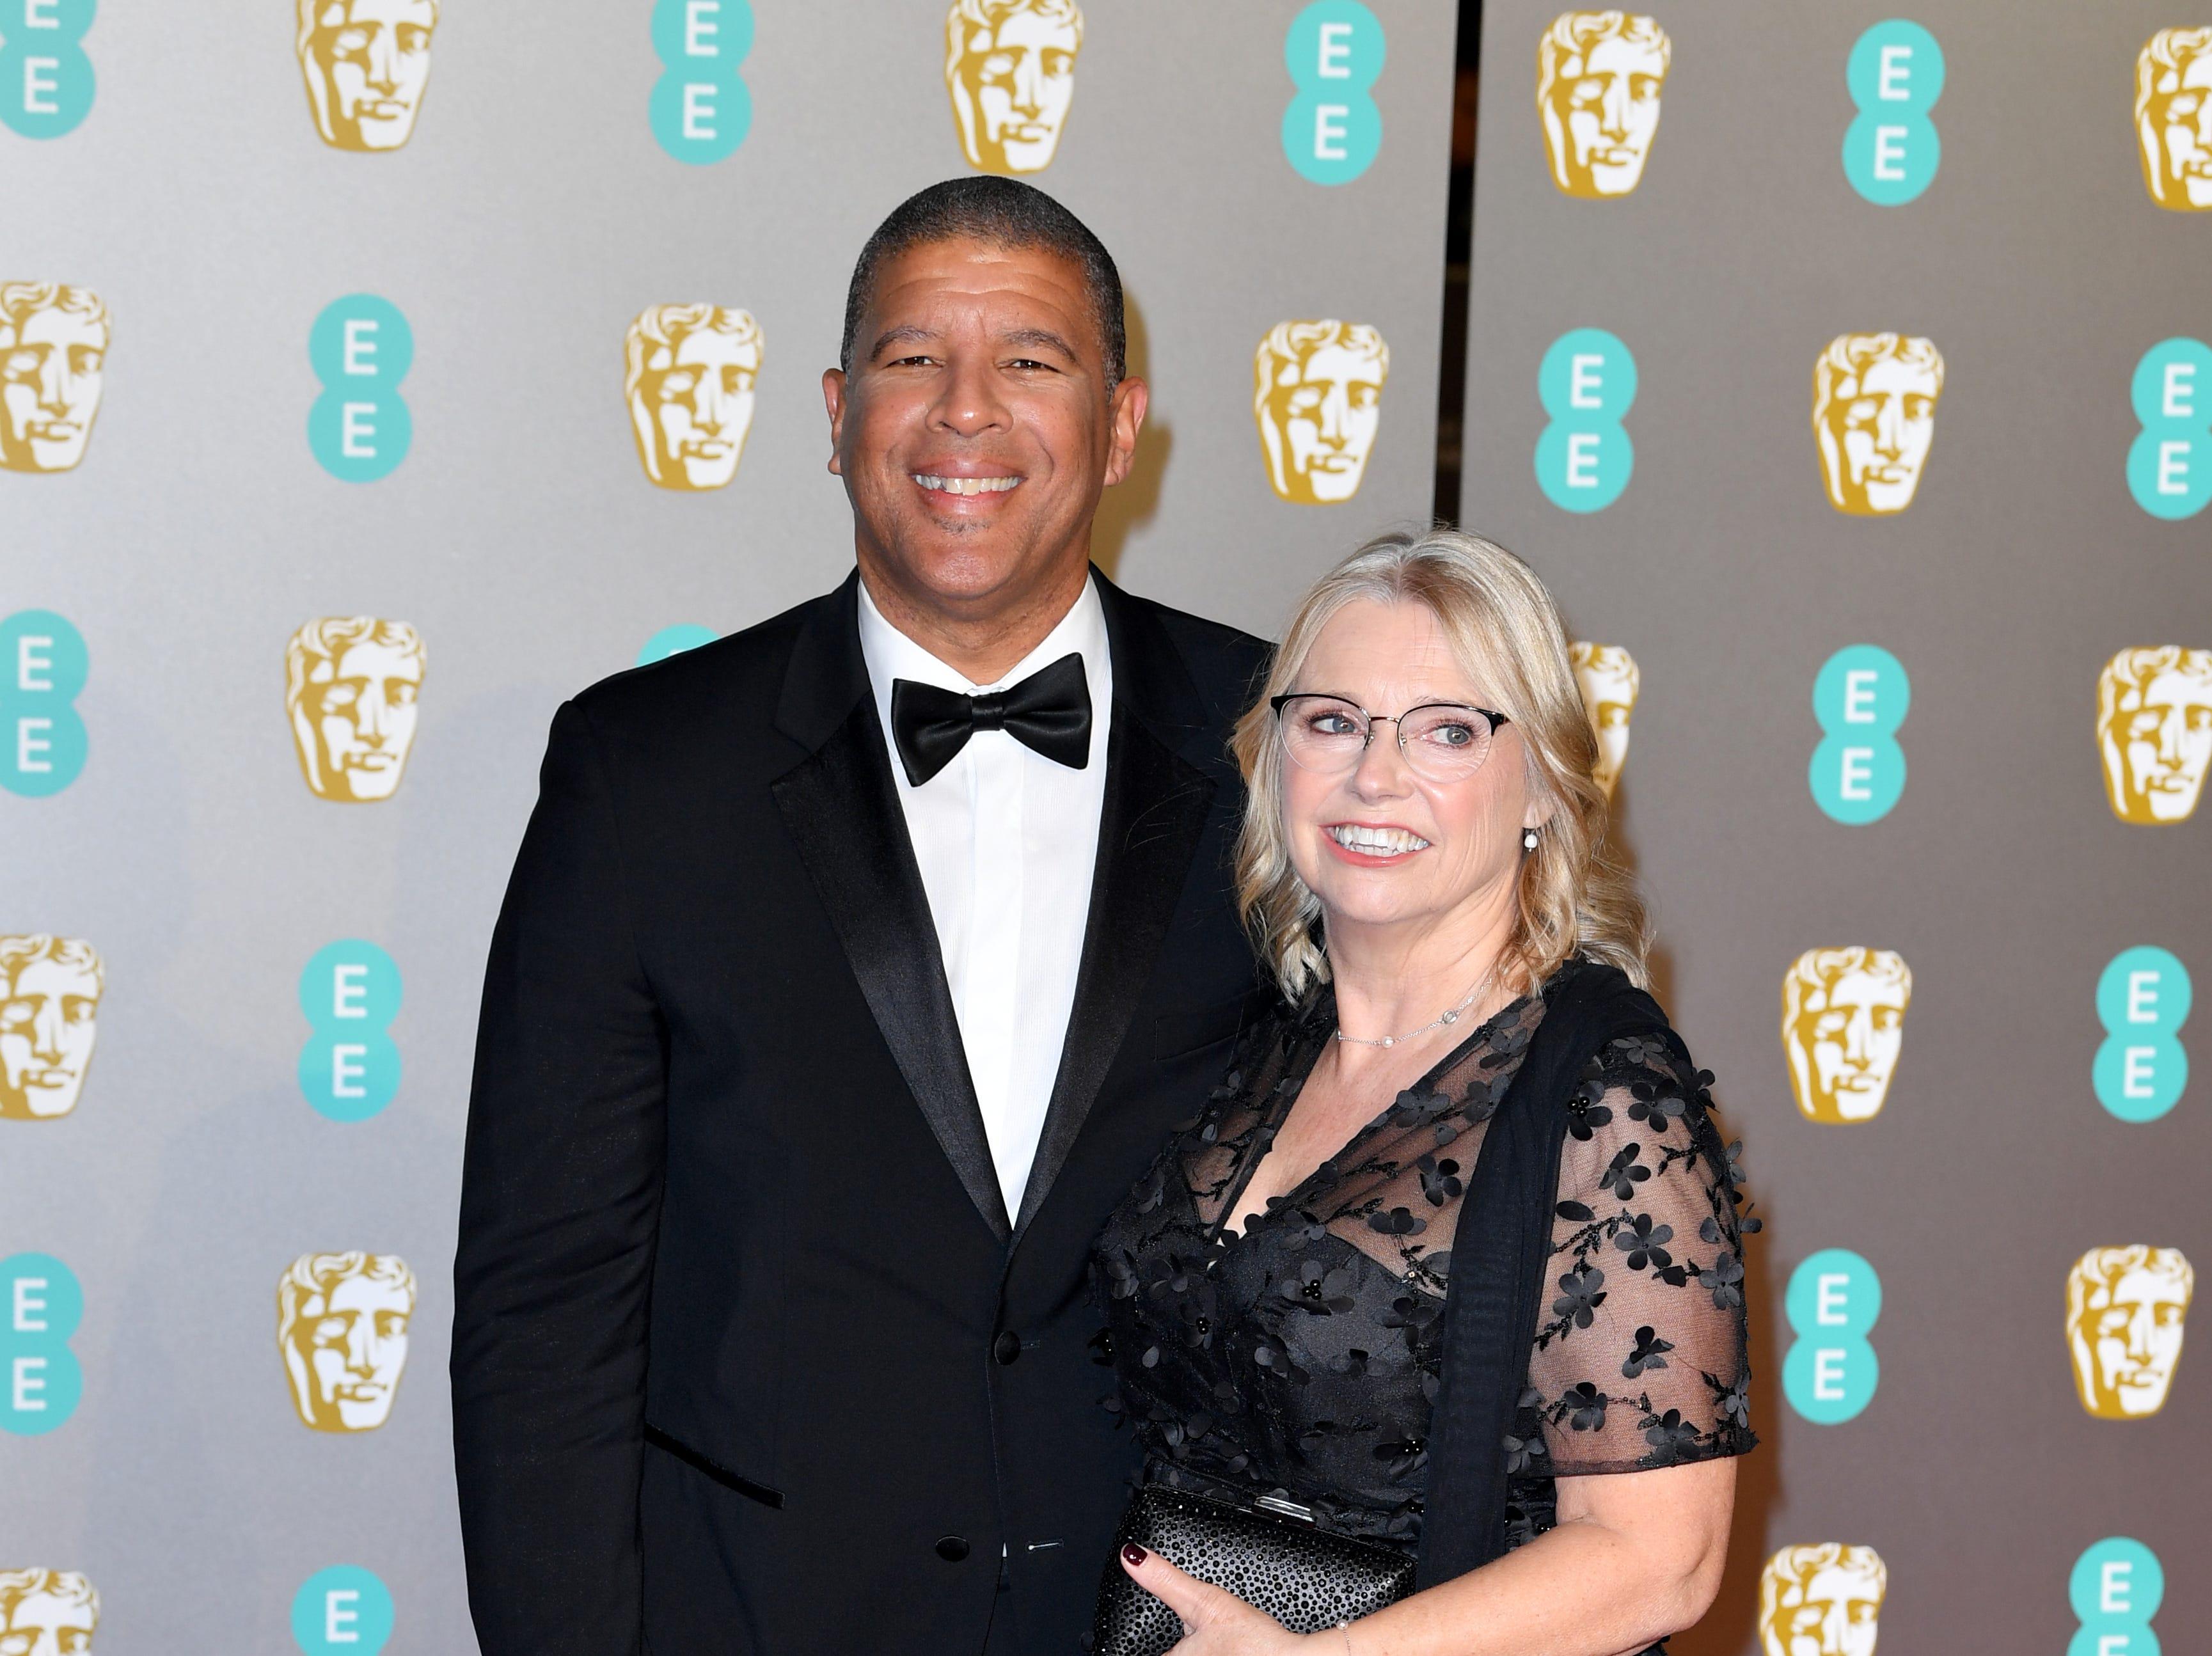 Peter Ramsey (izq) a su llegada a la alfombra roja de los Premios de la Academia Británica de Cine BAFTA en el Royal Albert Hall en Londres el 10 de febrero de 2019.